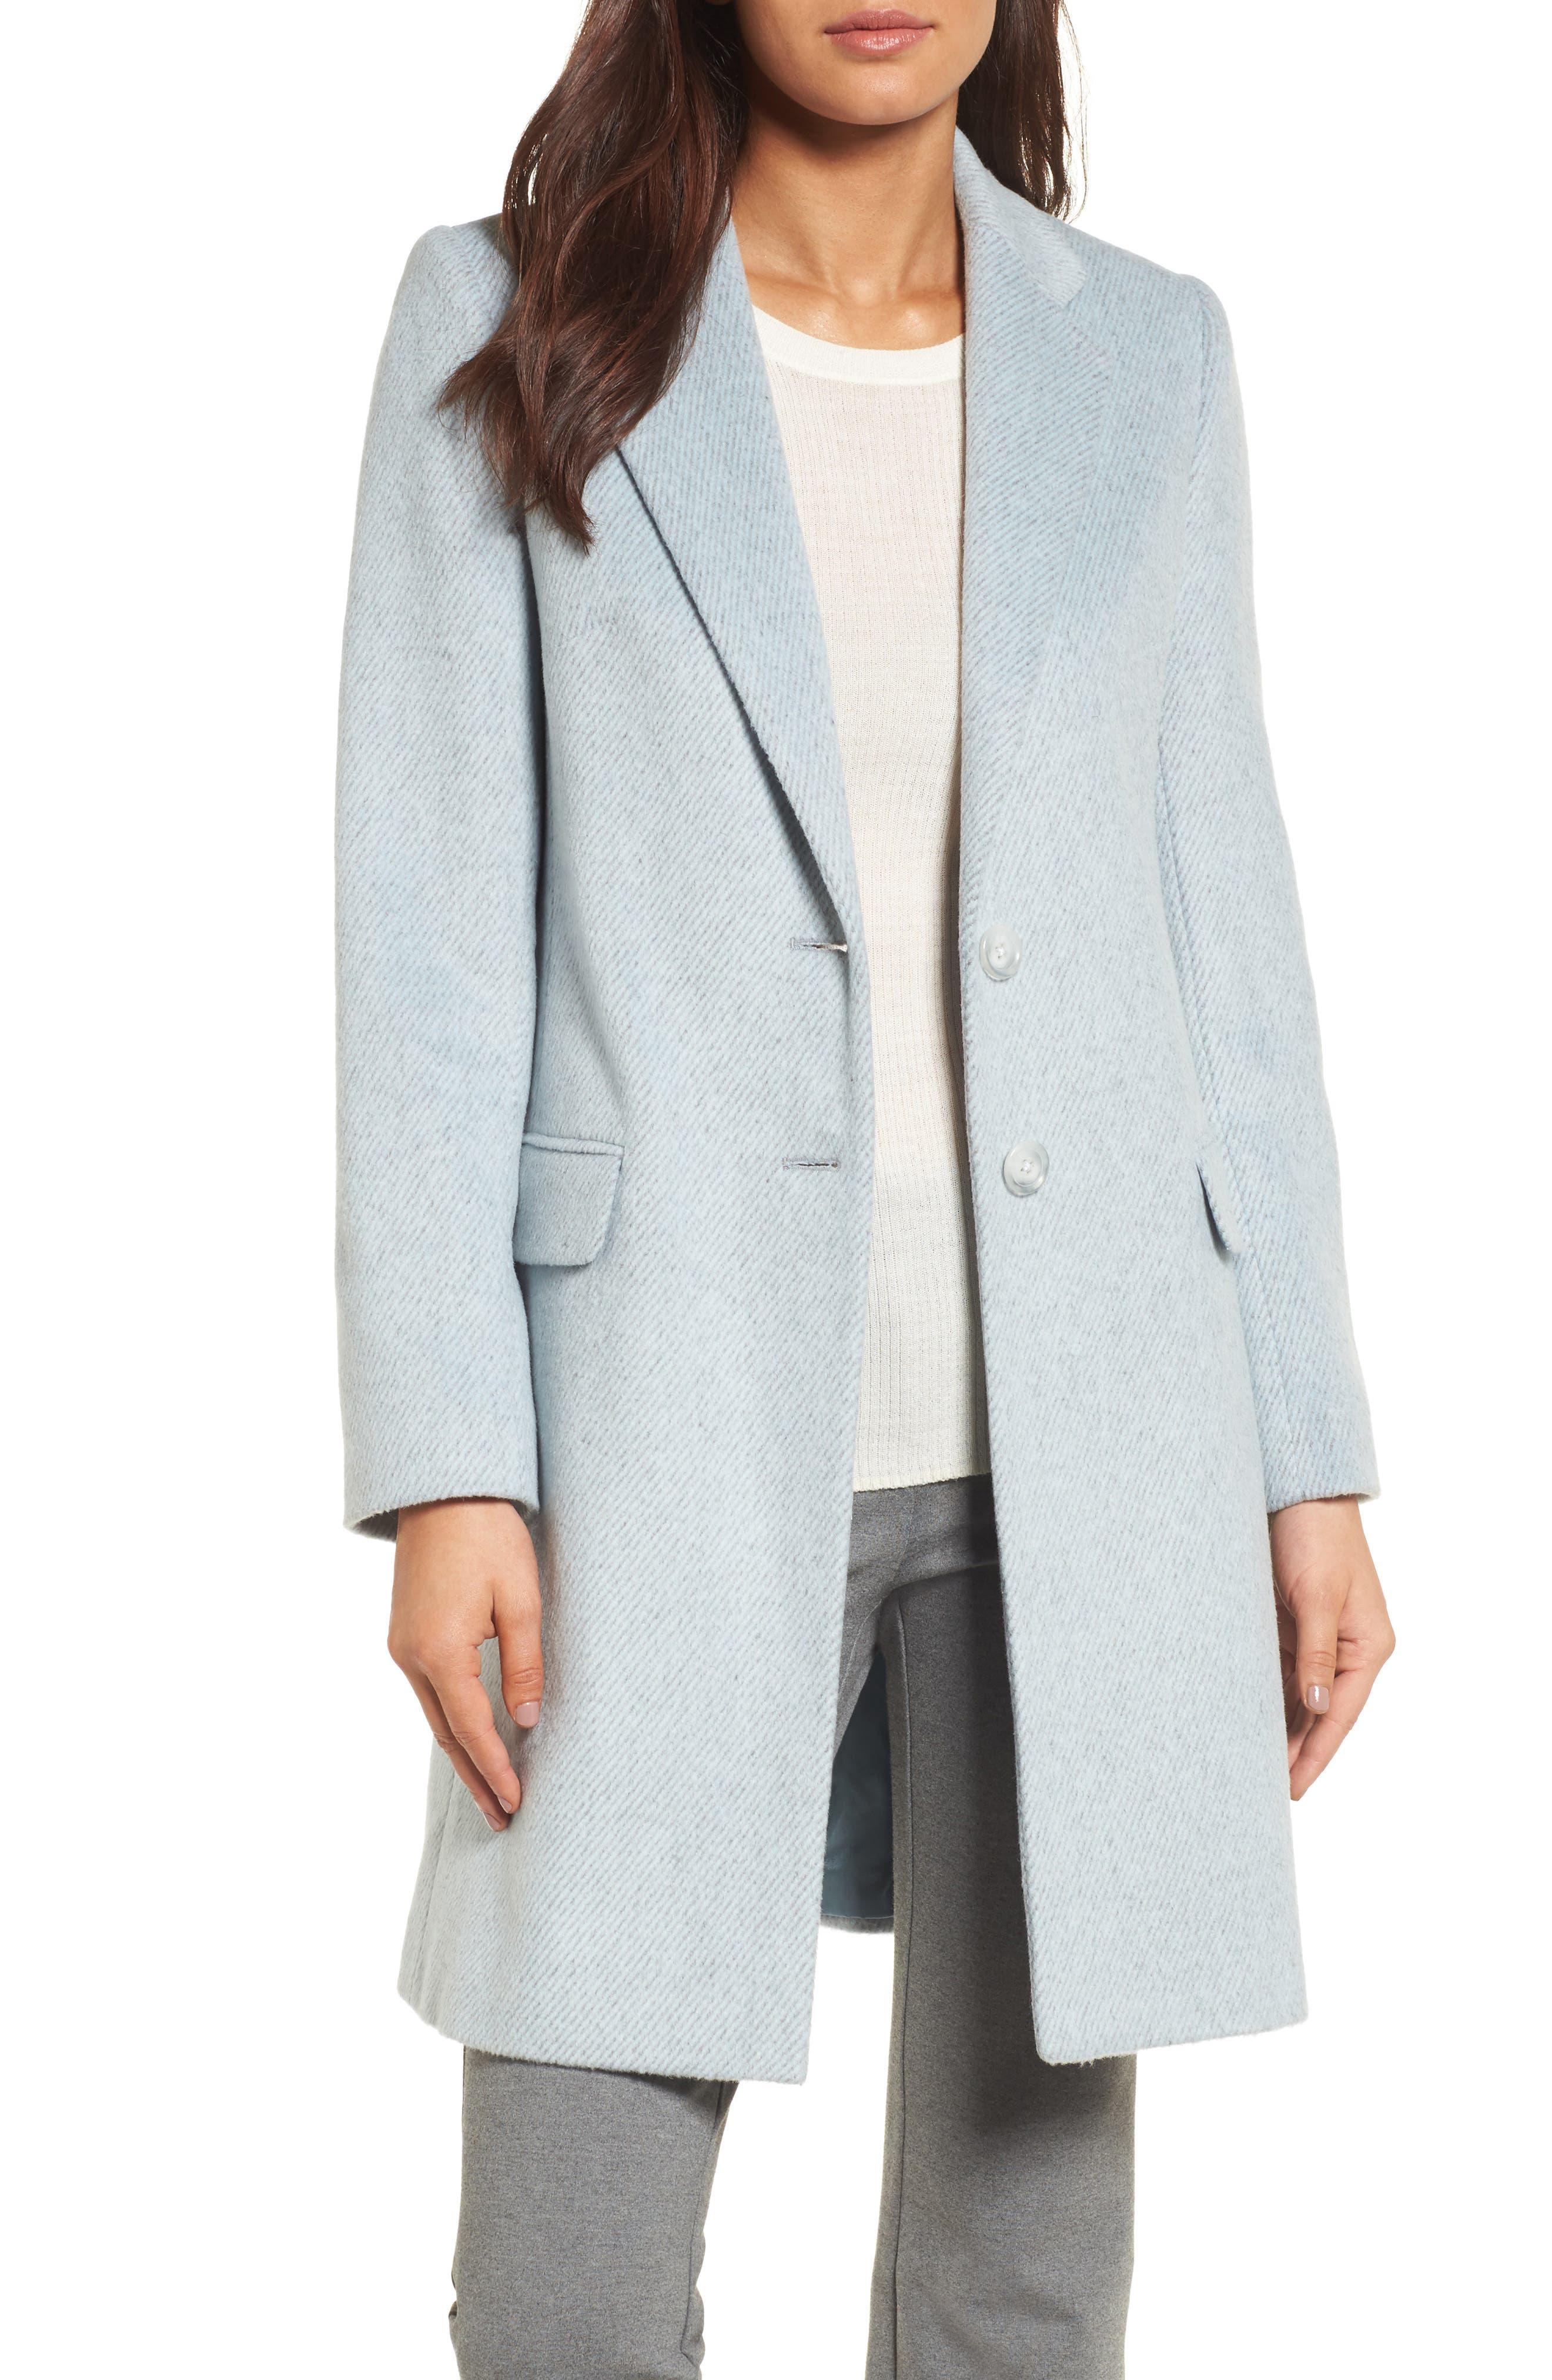 Ducato College Coat,                         Main,                         color, Pale Blue